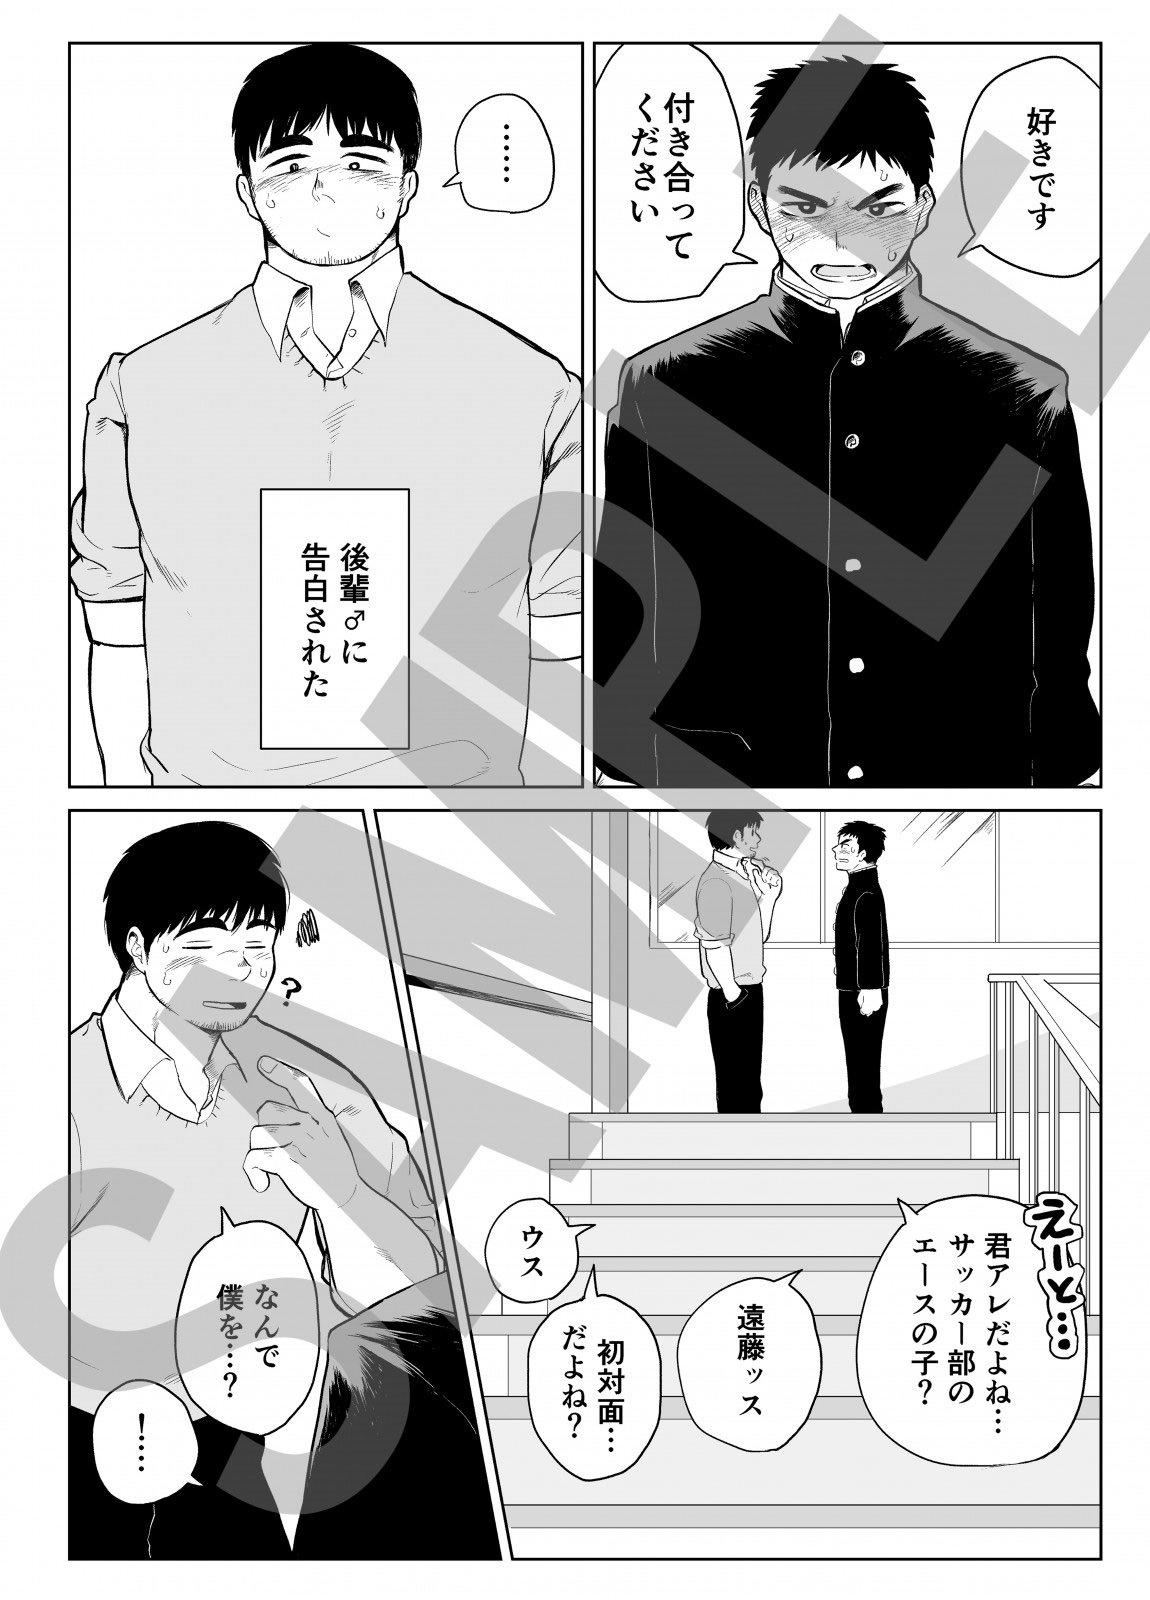 [づんづん本舗] の【谷口先輩と遠藤クン】